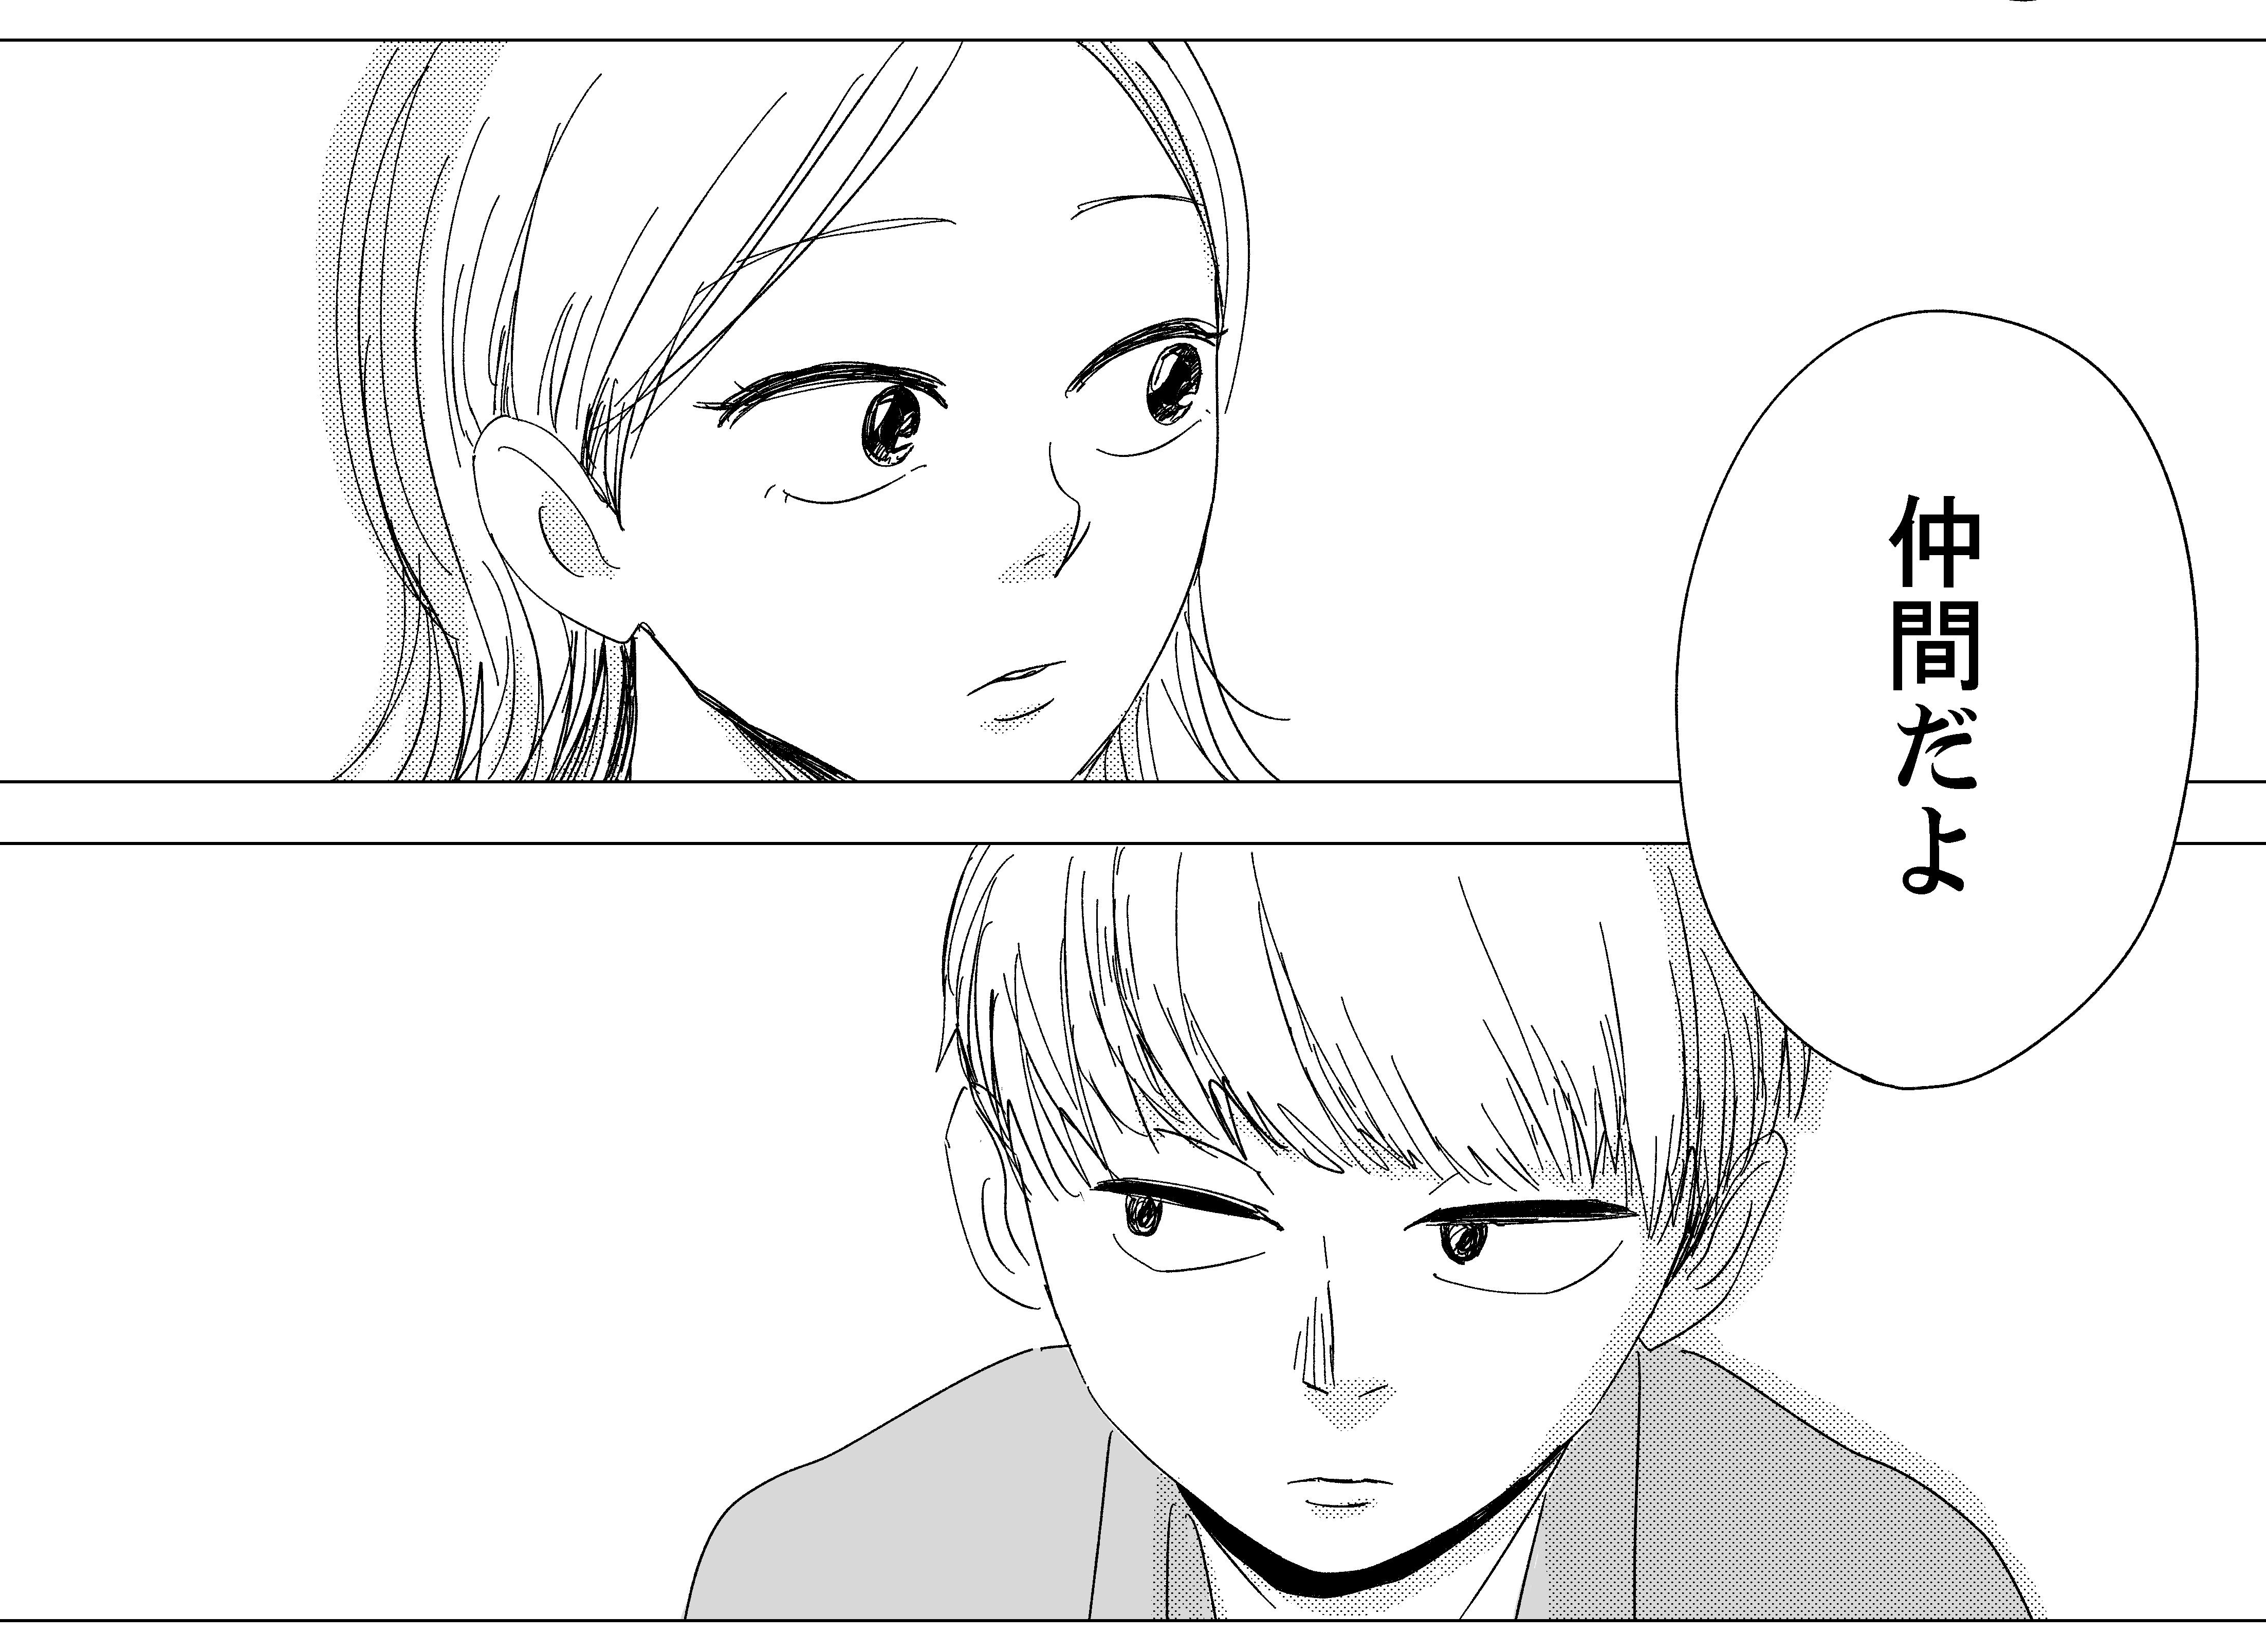 【漫画】「たぶん僕ら仲間だよ」初めて見つけた自分の居場所/もしも世界に「レンアイ」がなかったら(7)